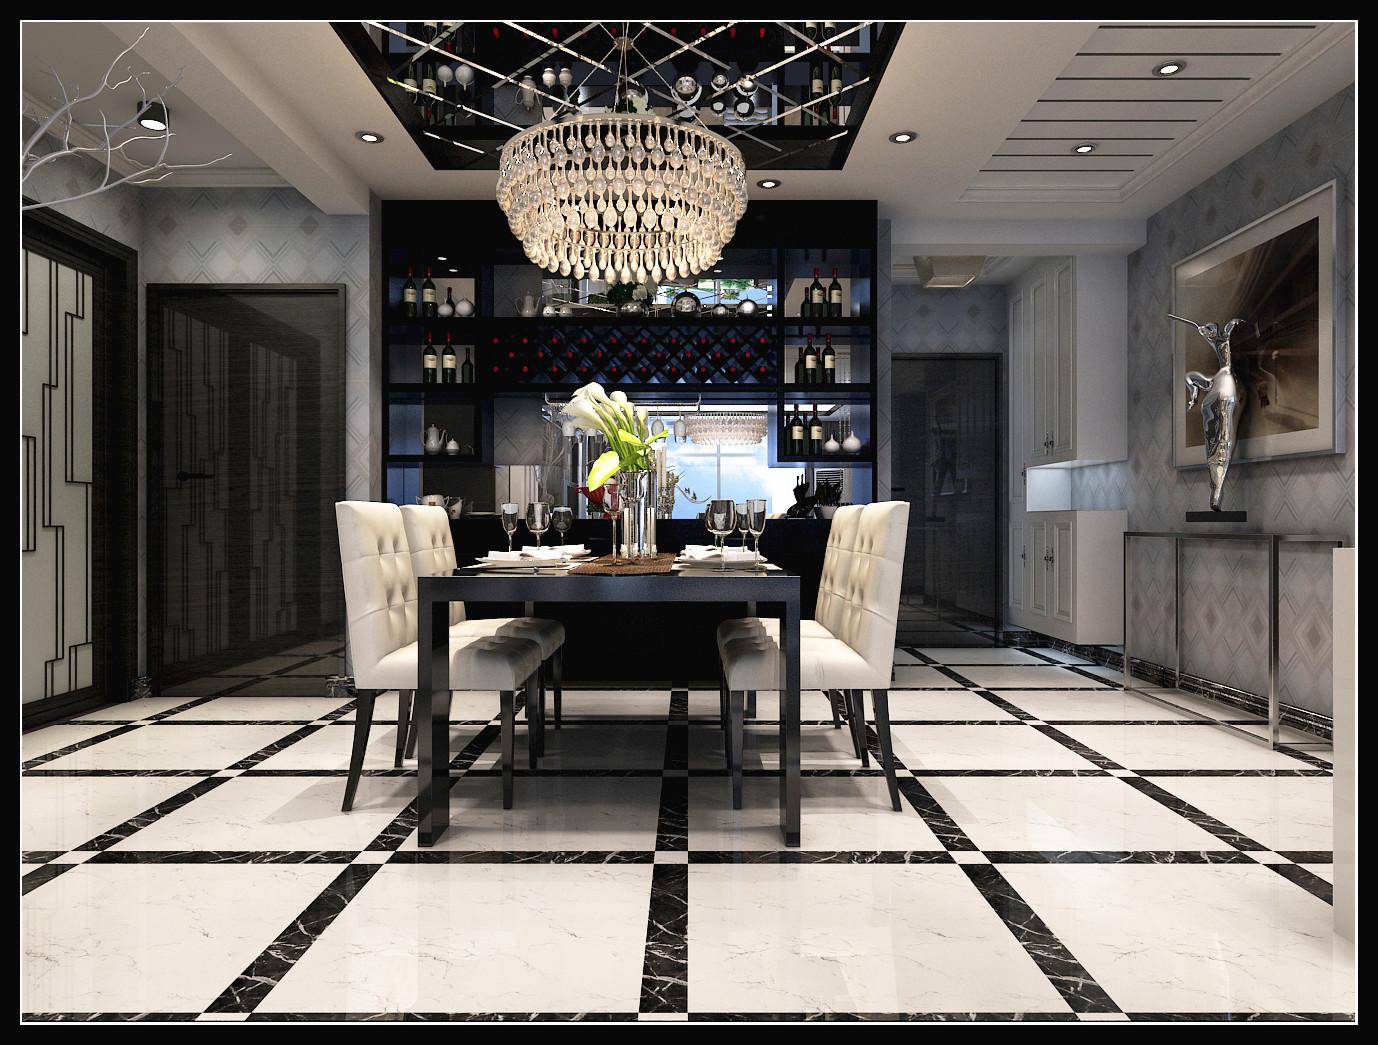 简约 混搭 白领 时尚 餐厅图片来自石家庄城市人家装饰在最新时尚黑白搭配效果图案例的分享